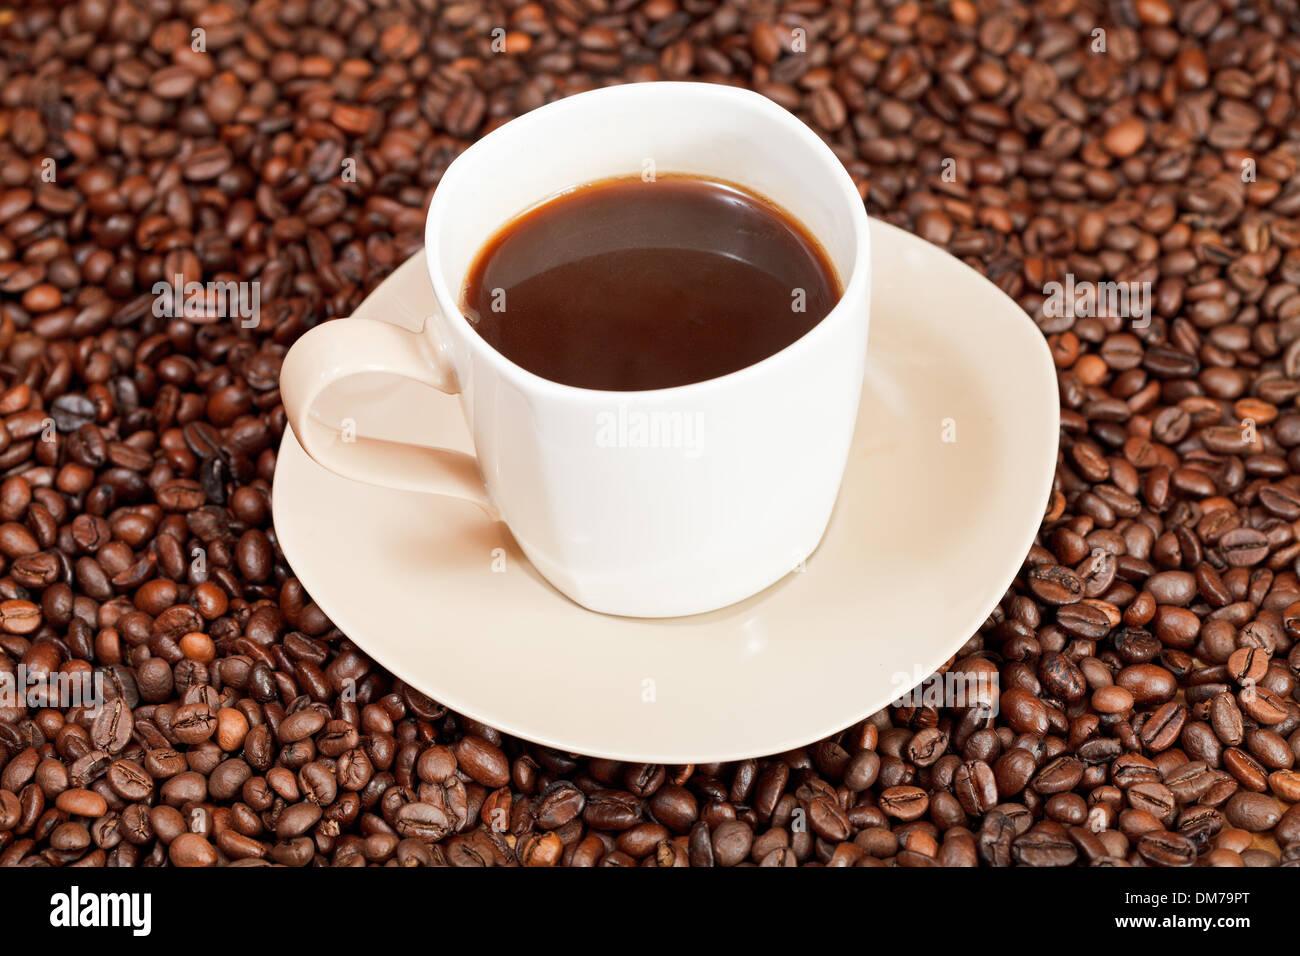 Tazza di caffè sul sauser e chicchi di caffè tostati Immagini Stock